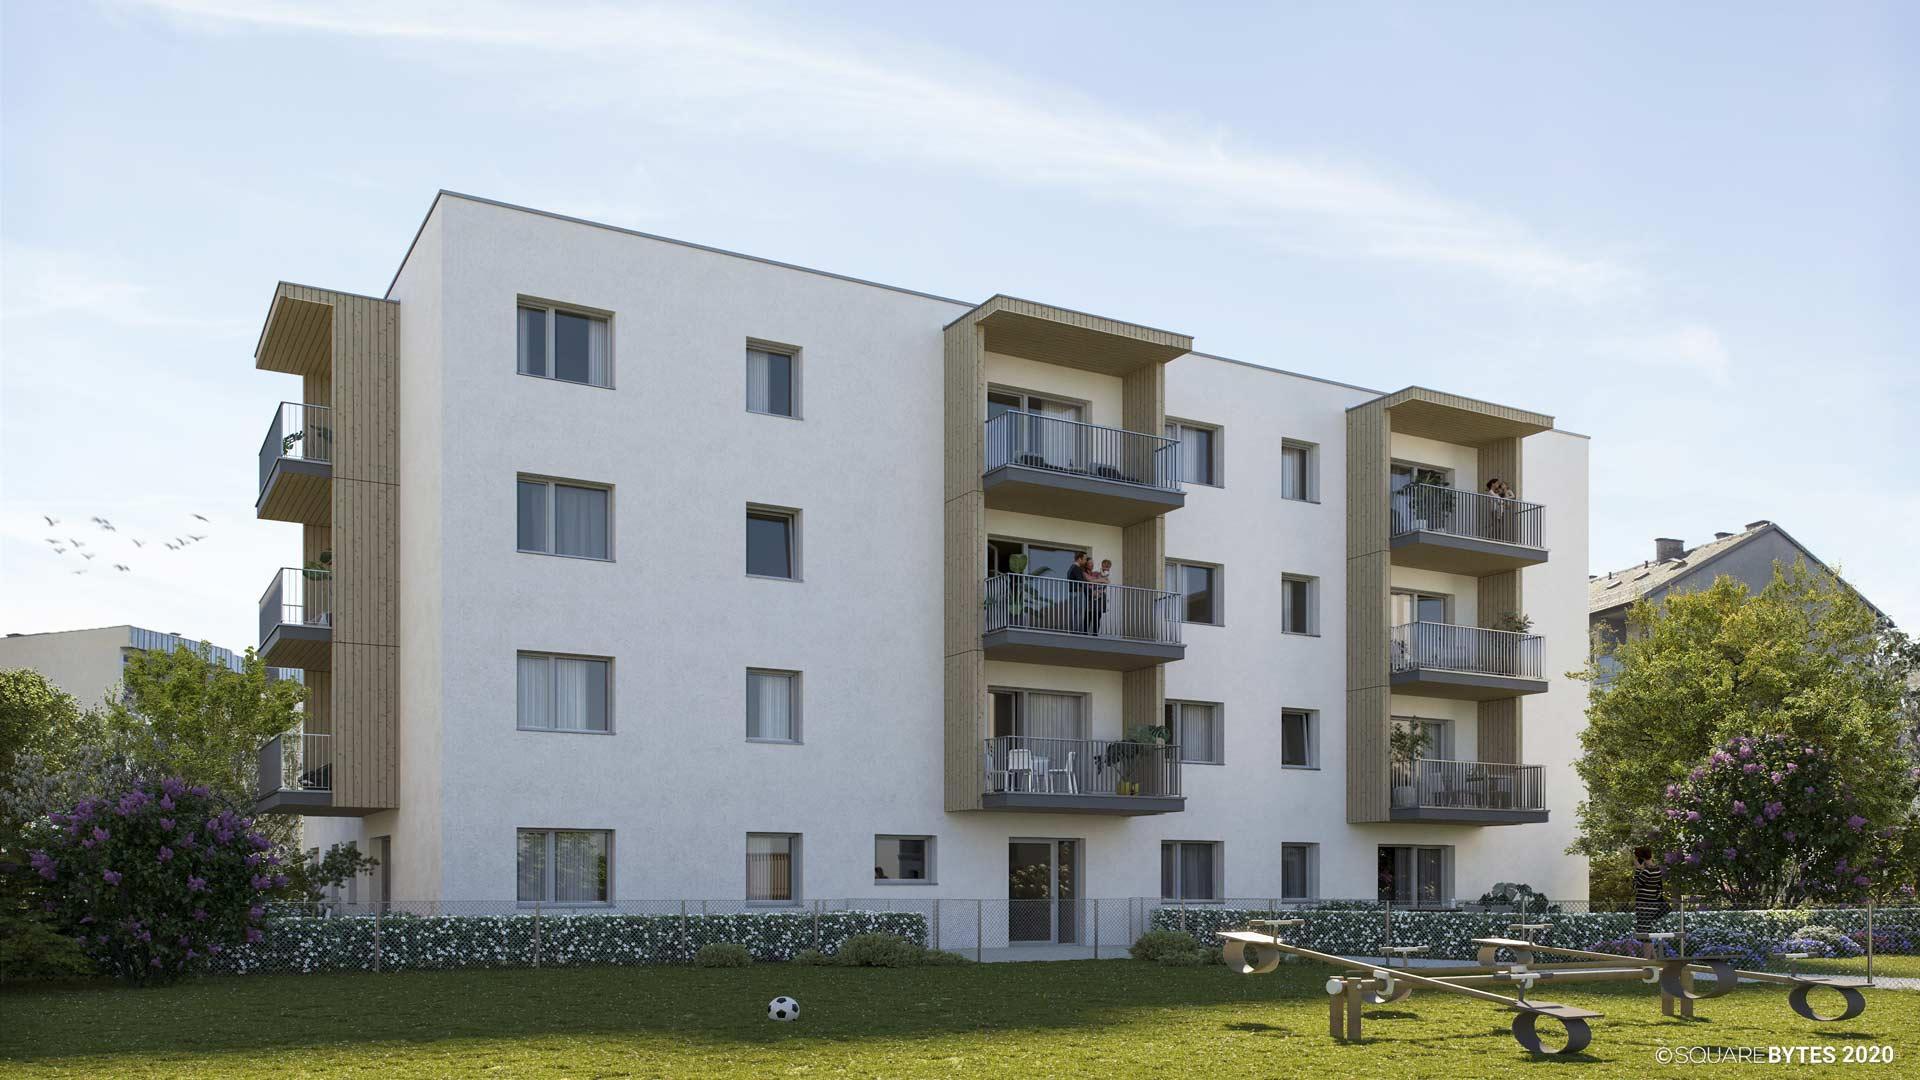 all-in99 Projekt Villach Bauteil D Wohngebaeude in Tagesansicht